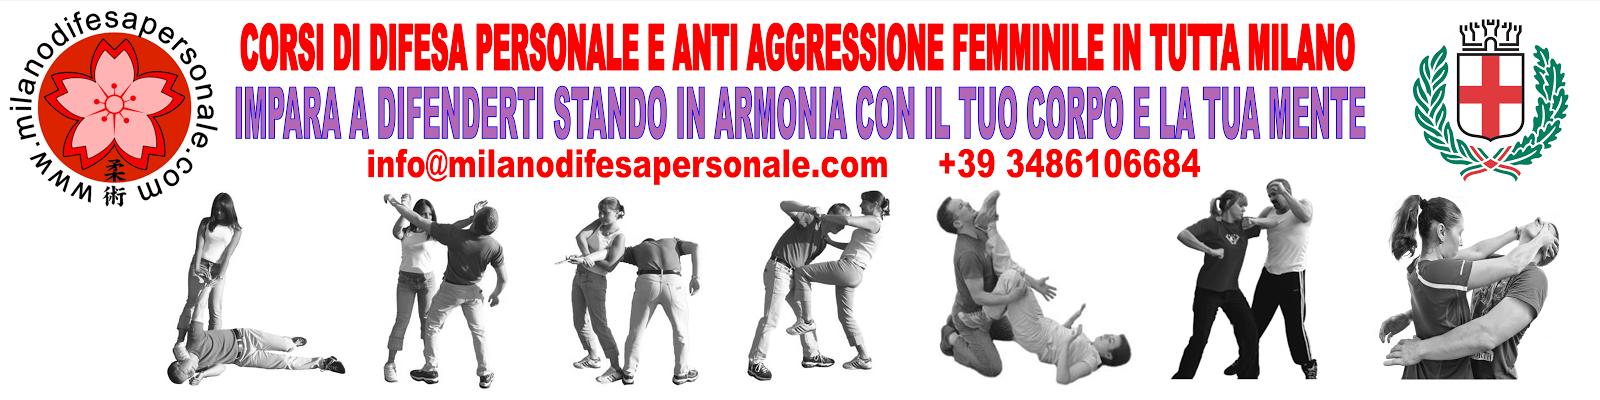 CORSI DI ARTI MARZIALI E DI DIFESA PERSONALE A MILANO CENTRO +39 3486106684